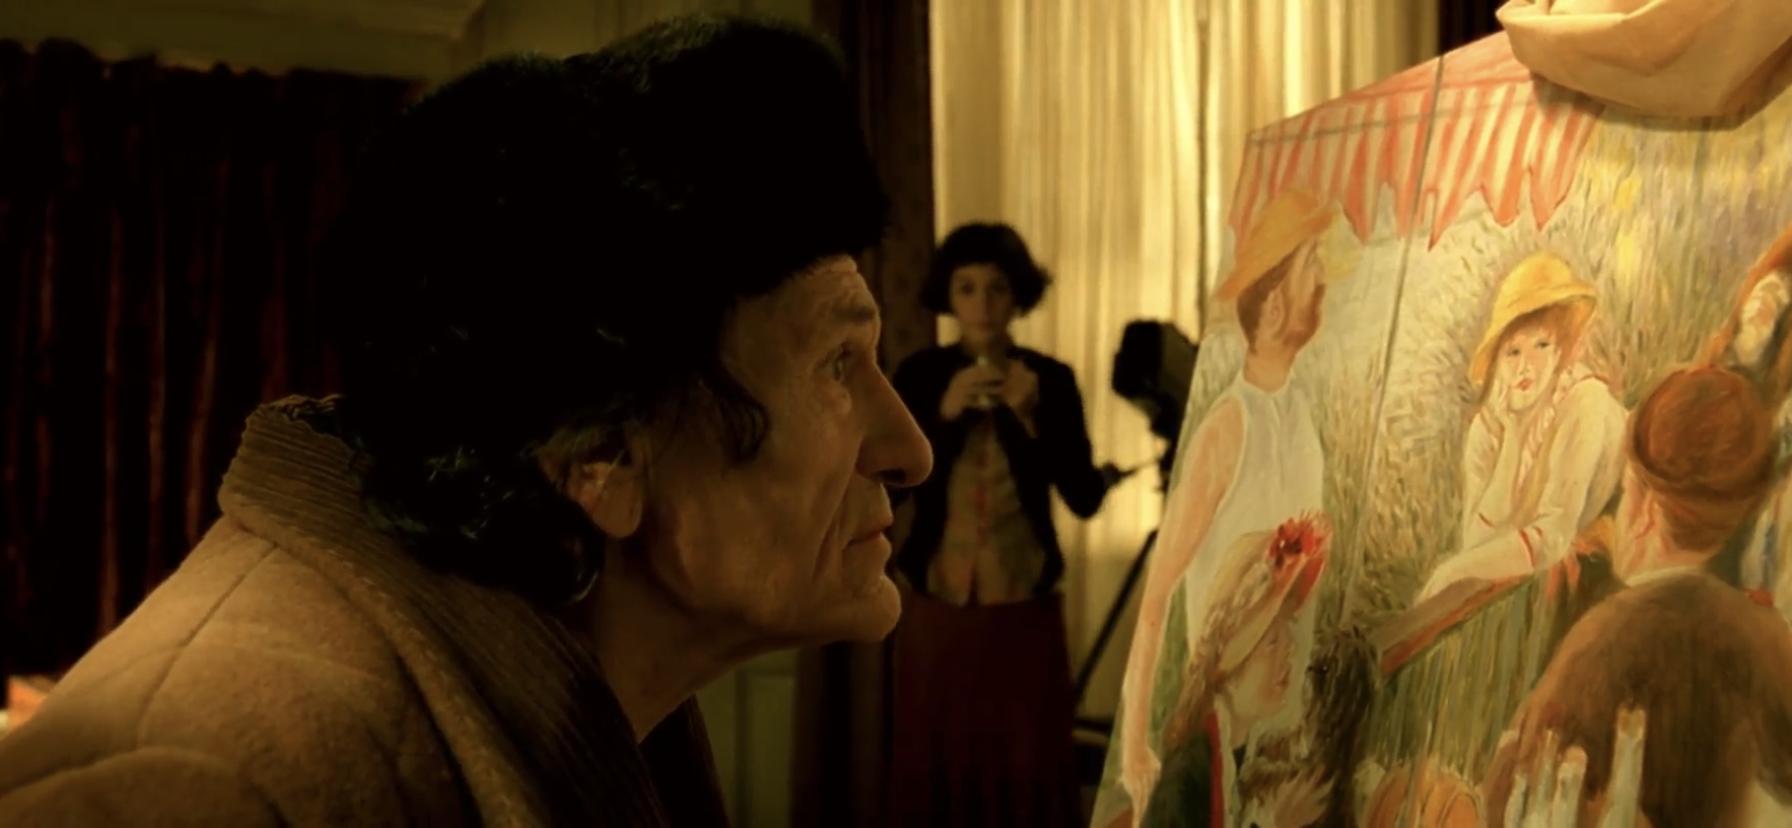 Cena do filme O Fabuloso Destino de Amélie Poulain. A imagem mostra um senhor de idade contemplando uma pintura, de perfil, e Amélie desfocada no meio, ao fundo. Do lado esquerdo da imagem, o senhor observa a pintura do lado direito. Ele é um homem branco, de cabelos pretos ondulados, e usa um casaco marrom. A pintura, que também aparece de perfil, mostra um grupo de pessoas no campo, com destaque para uma mulher ao centro, que usa um chapéu amarelo e olha para fora da imagem. No meio, em desfoque, Amélie segura uma xícara com as duas mãos e observa o senhor.